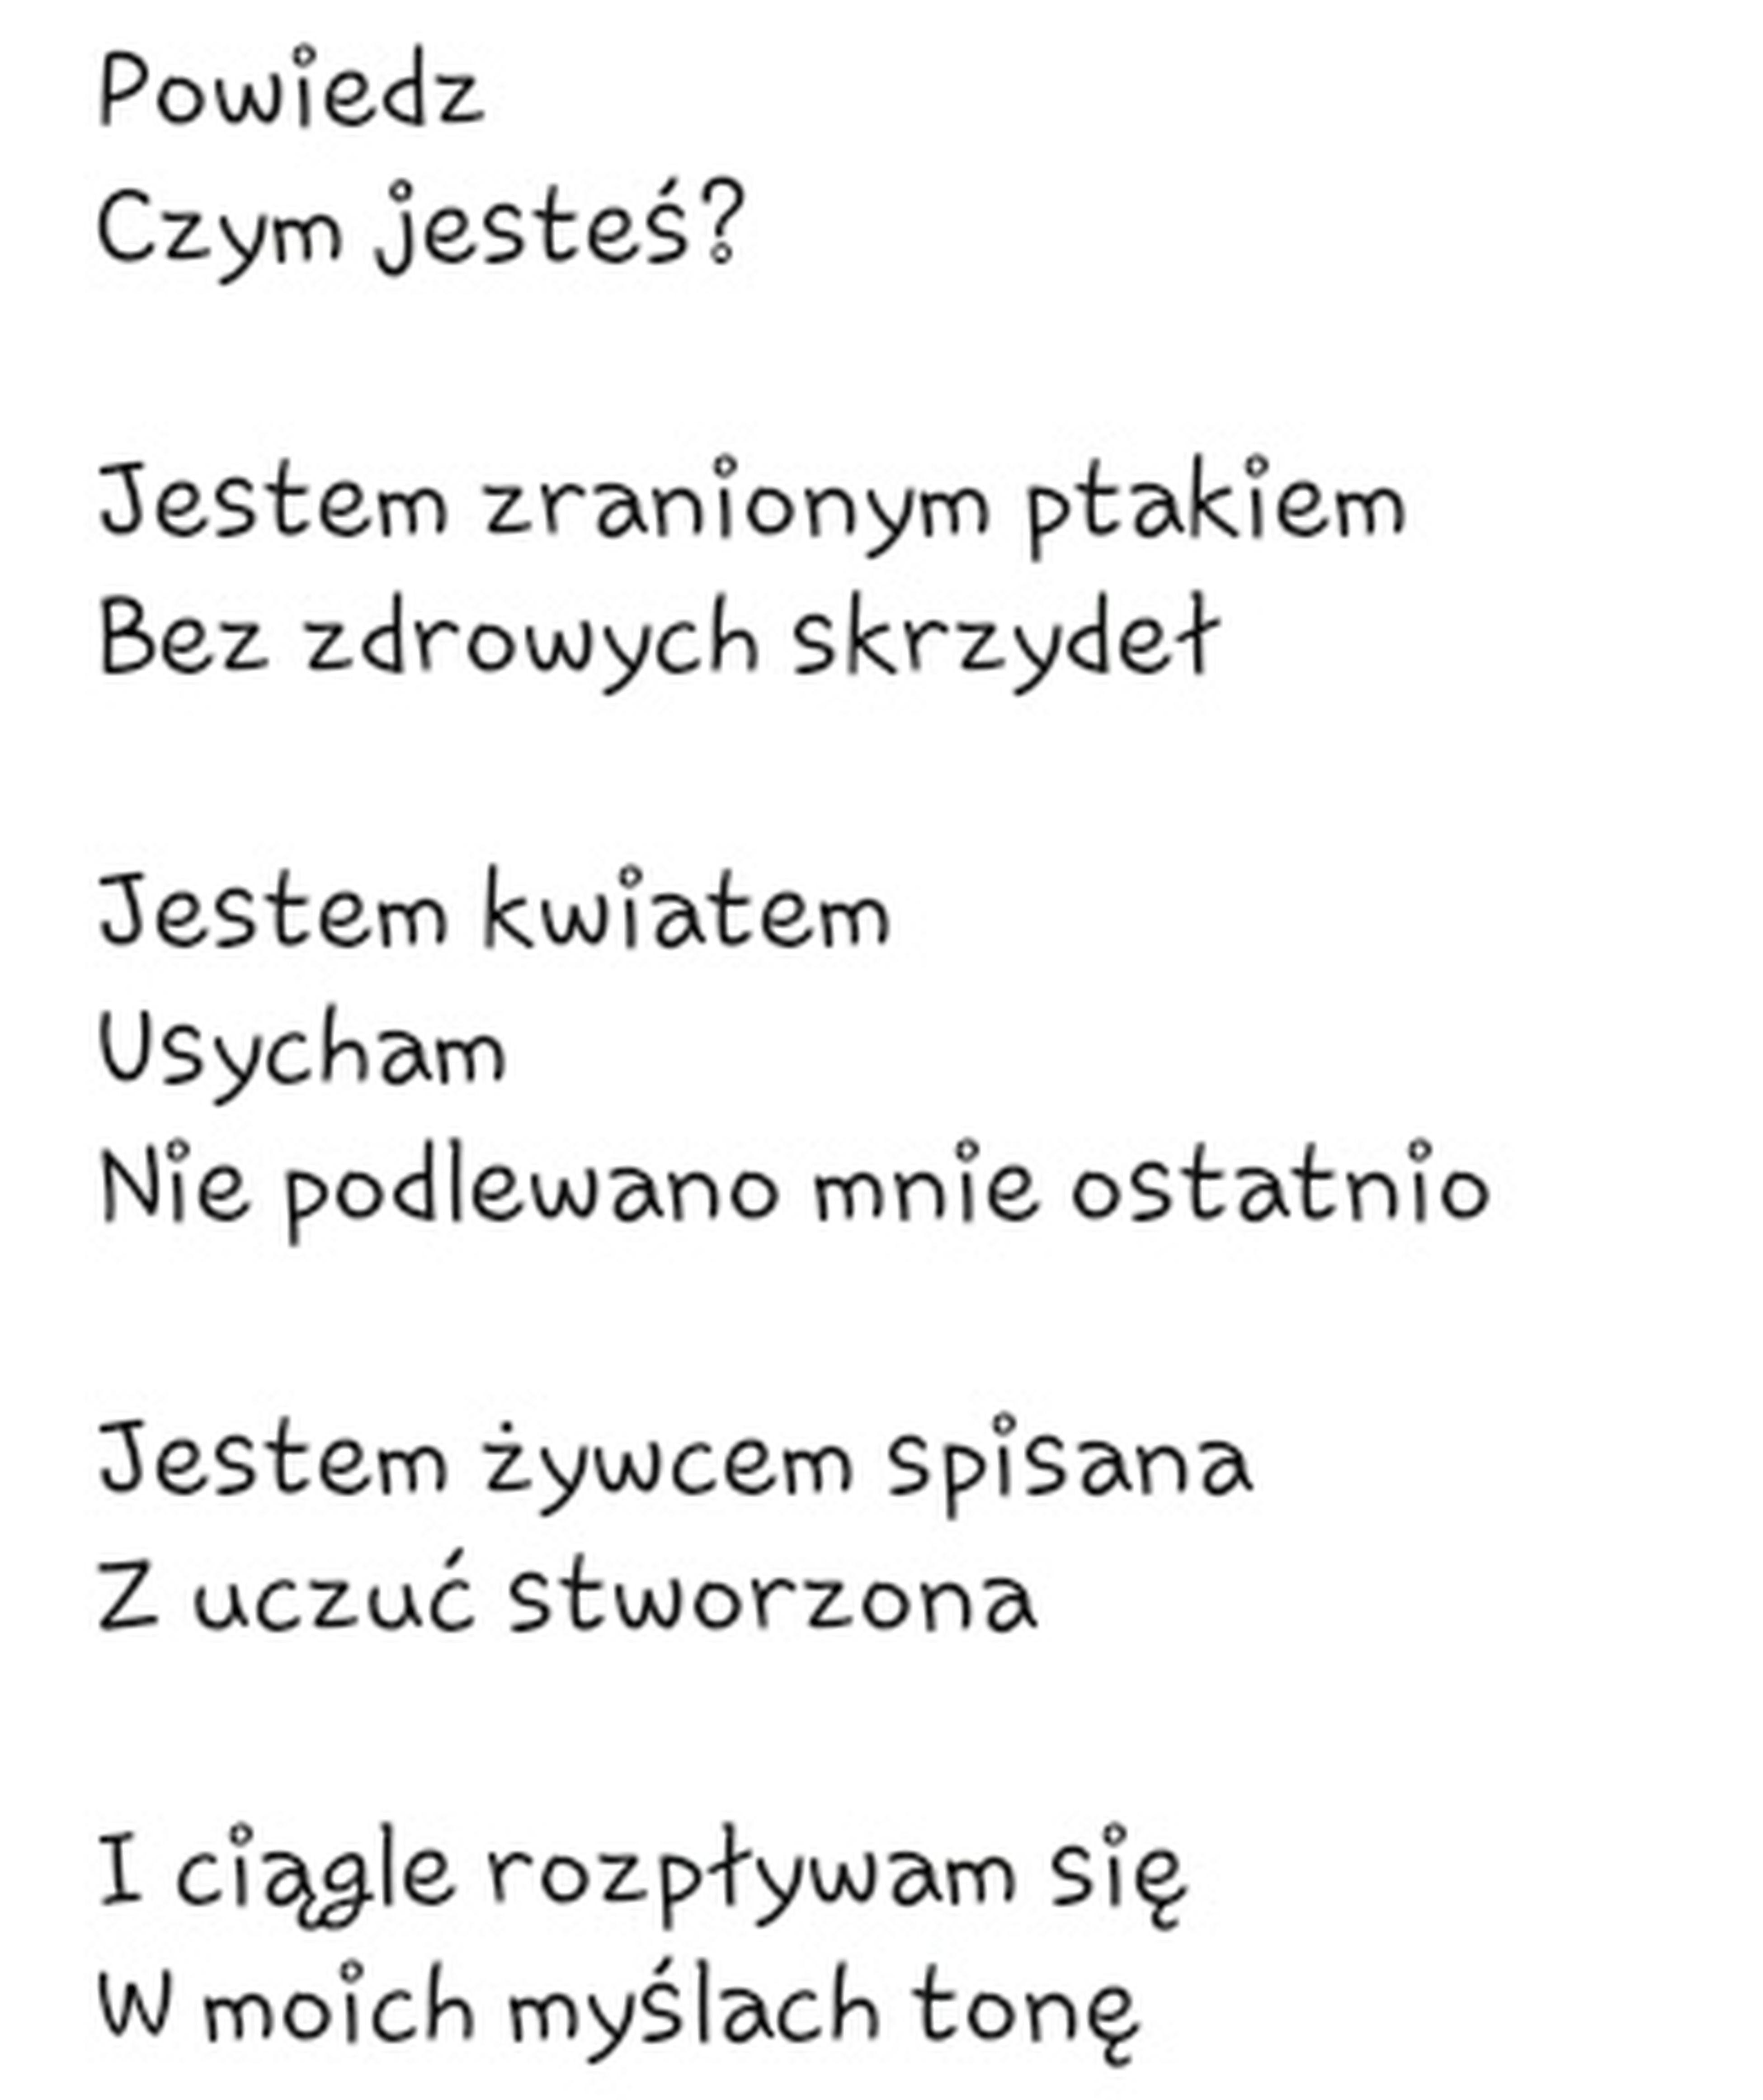 😌powiedz Czym Jestes